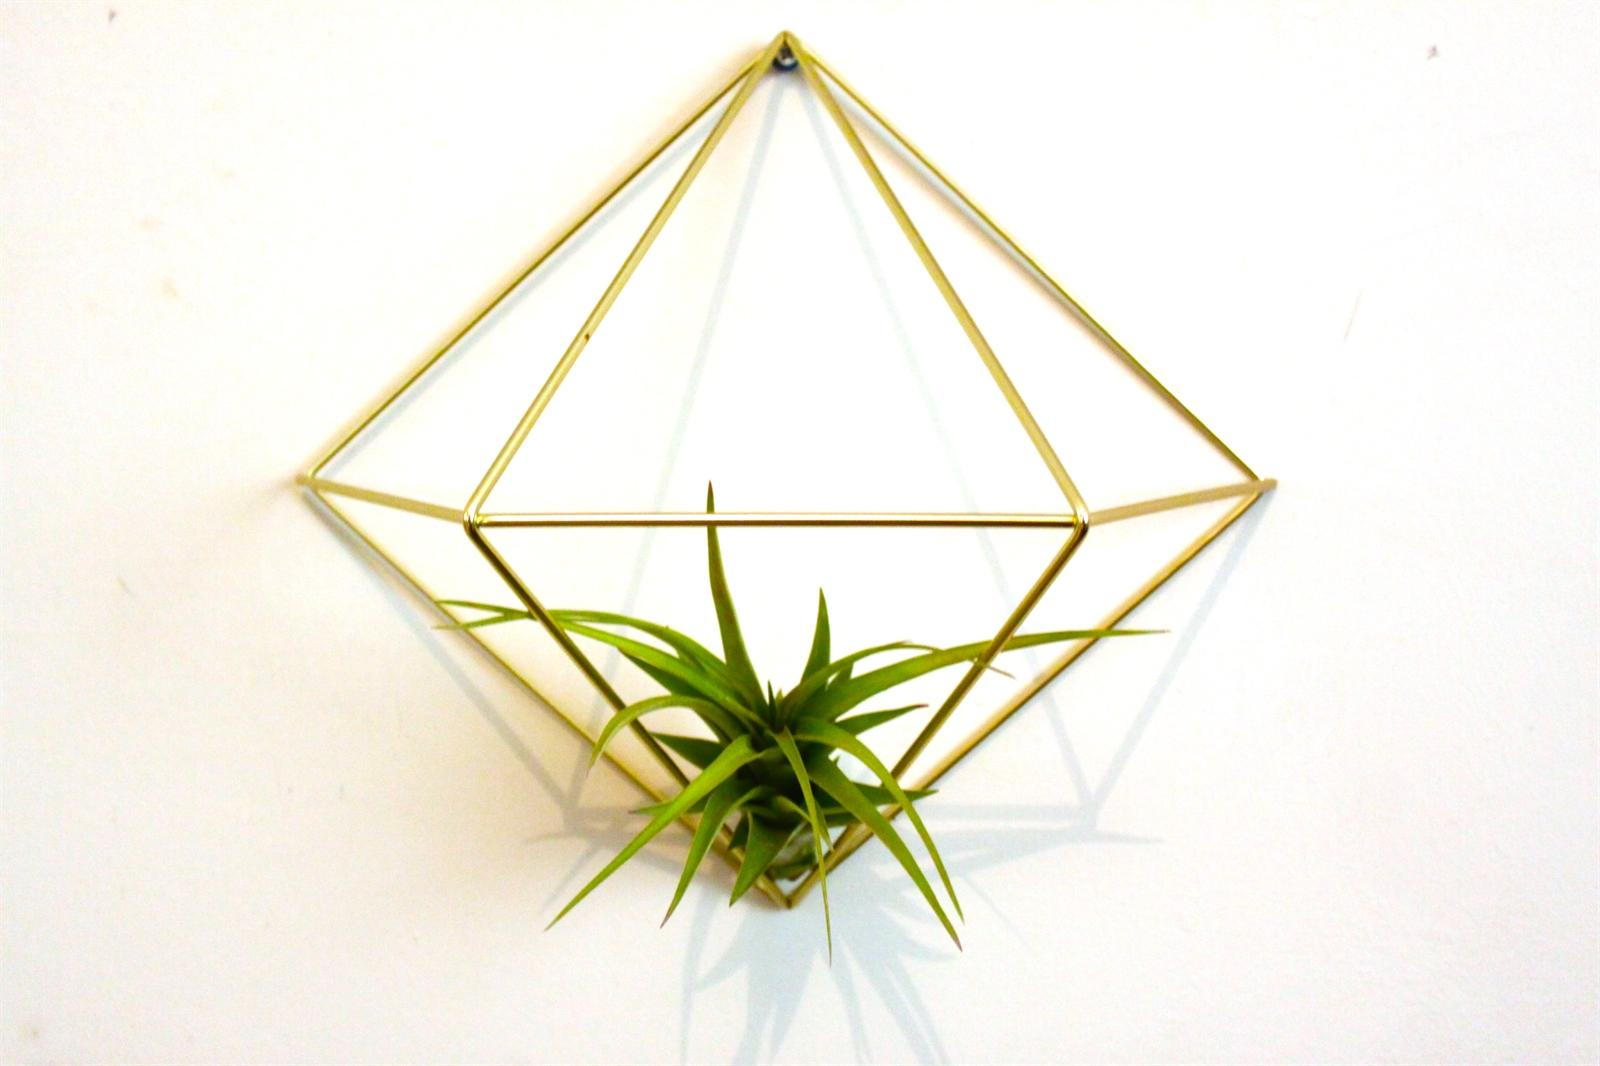 מתלה קיר גיאומטרי + צמח אוויר